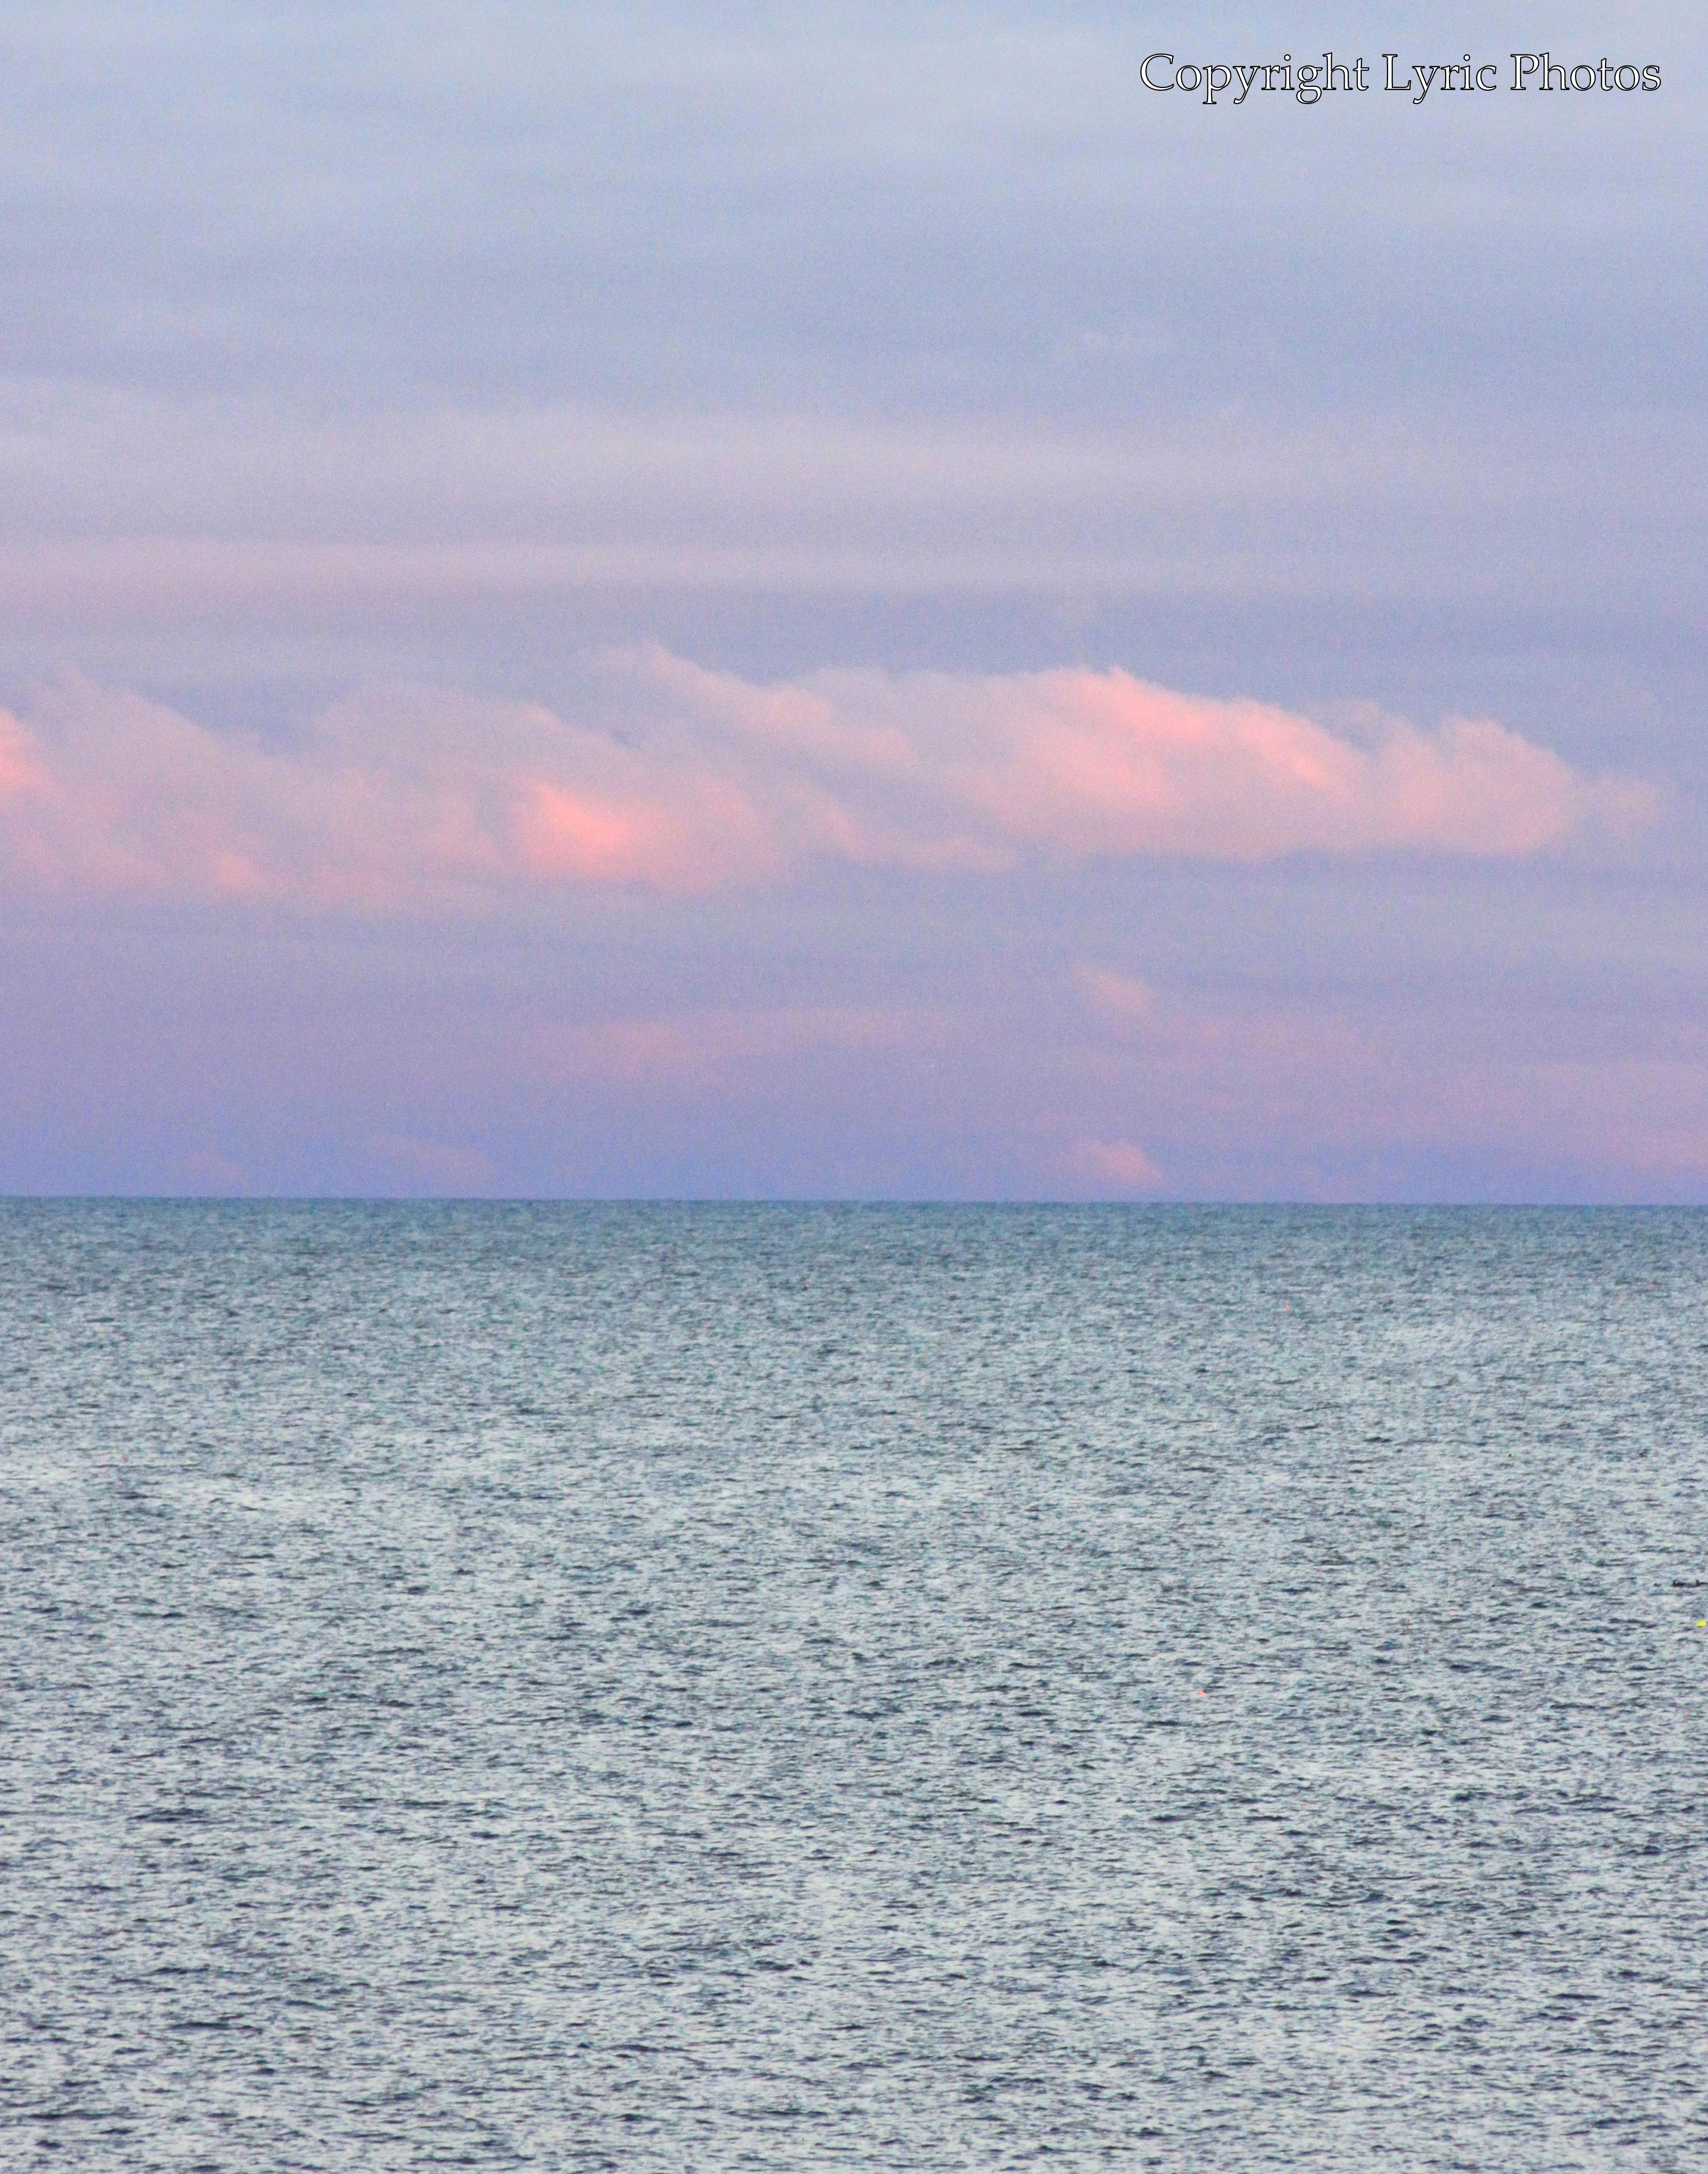 Ocean sunset photograph new england